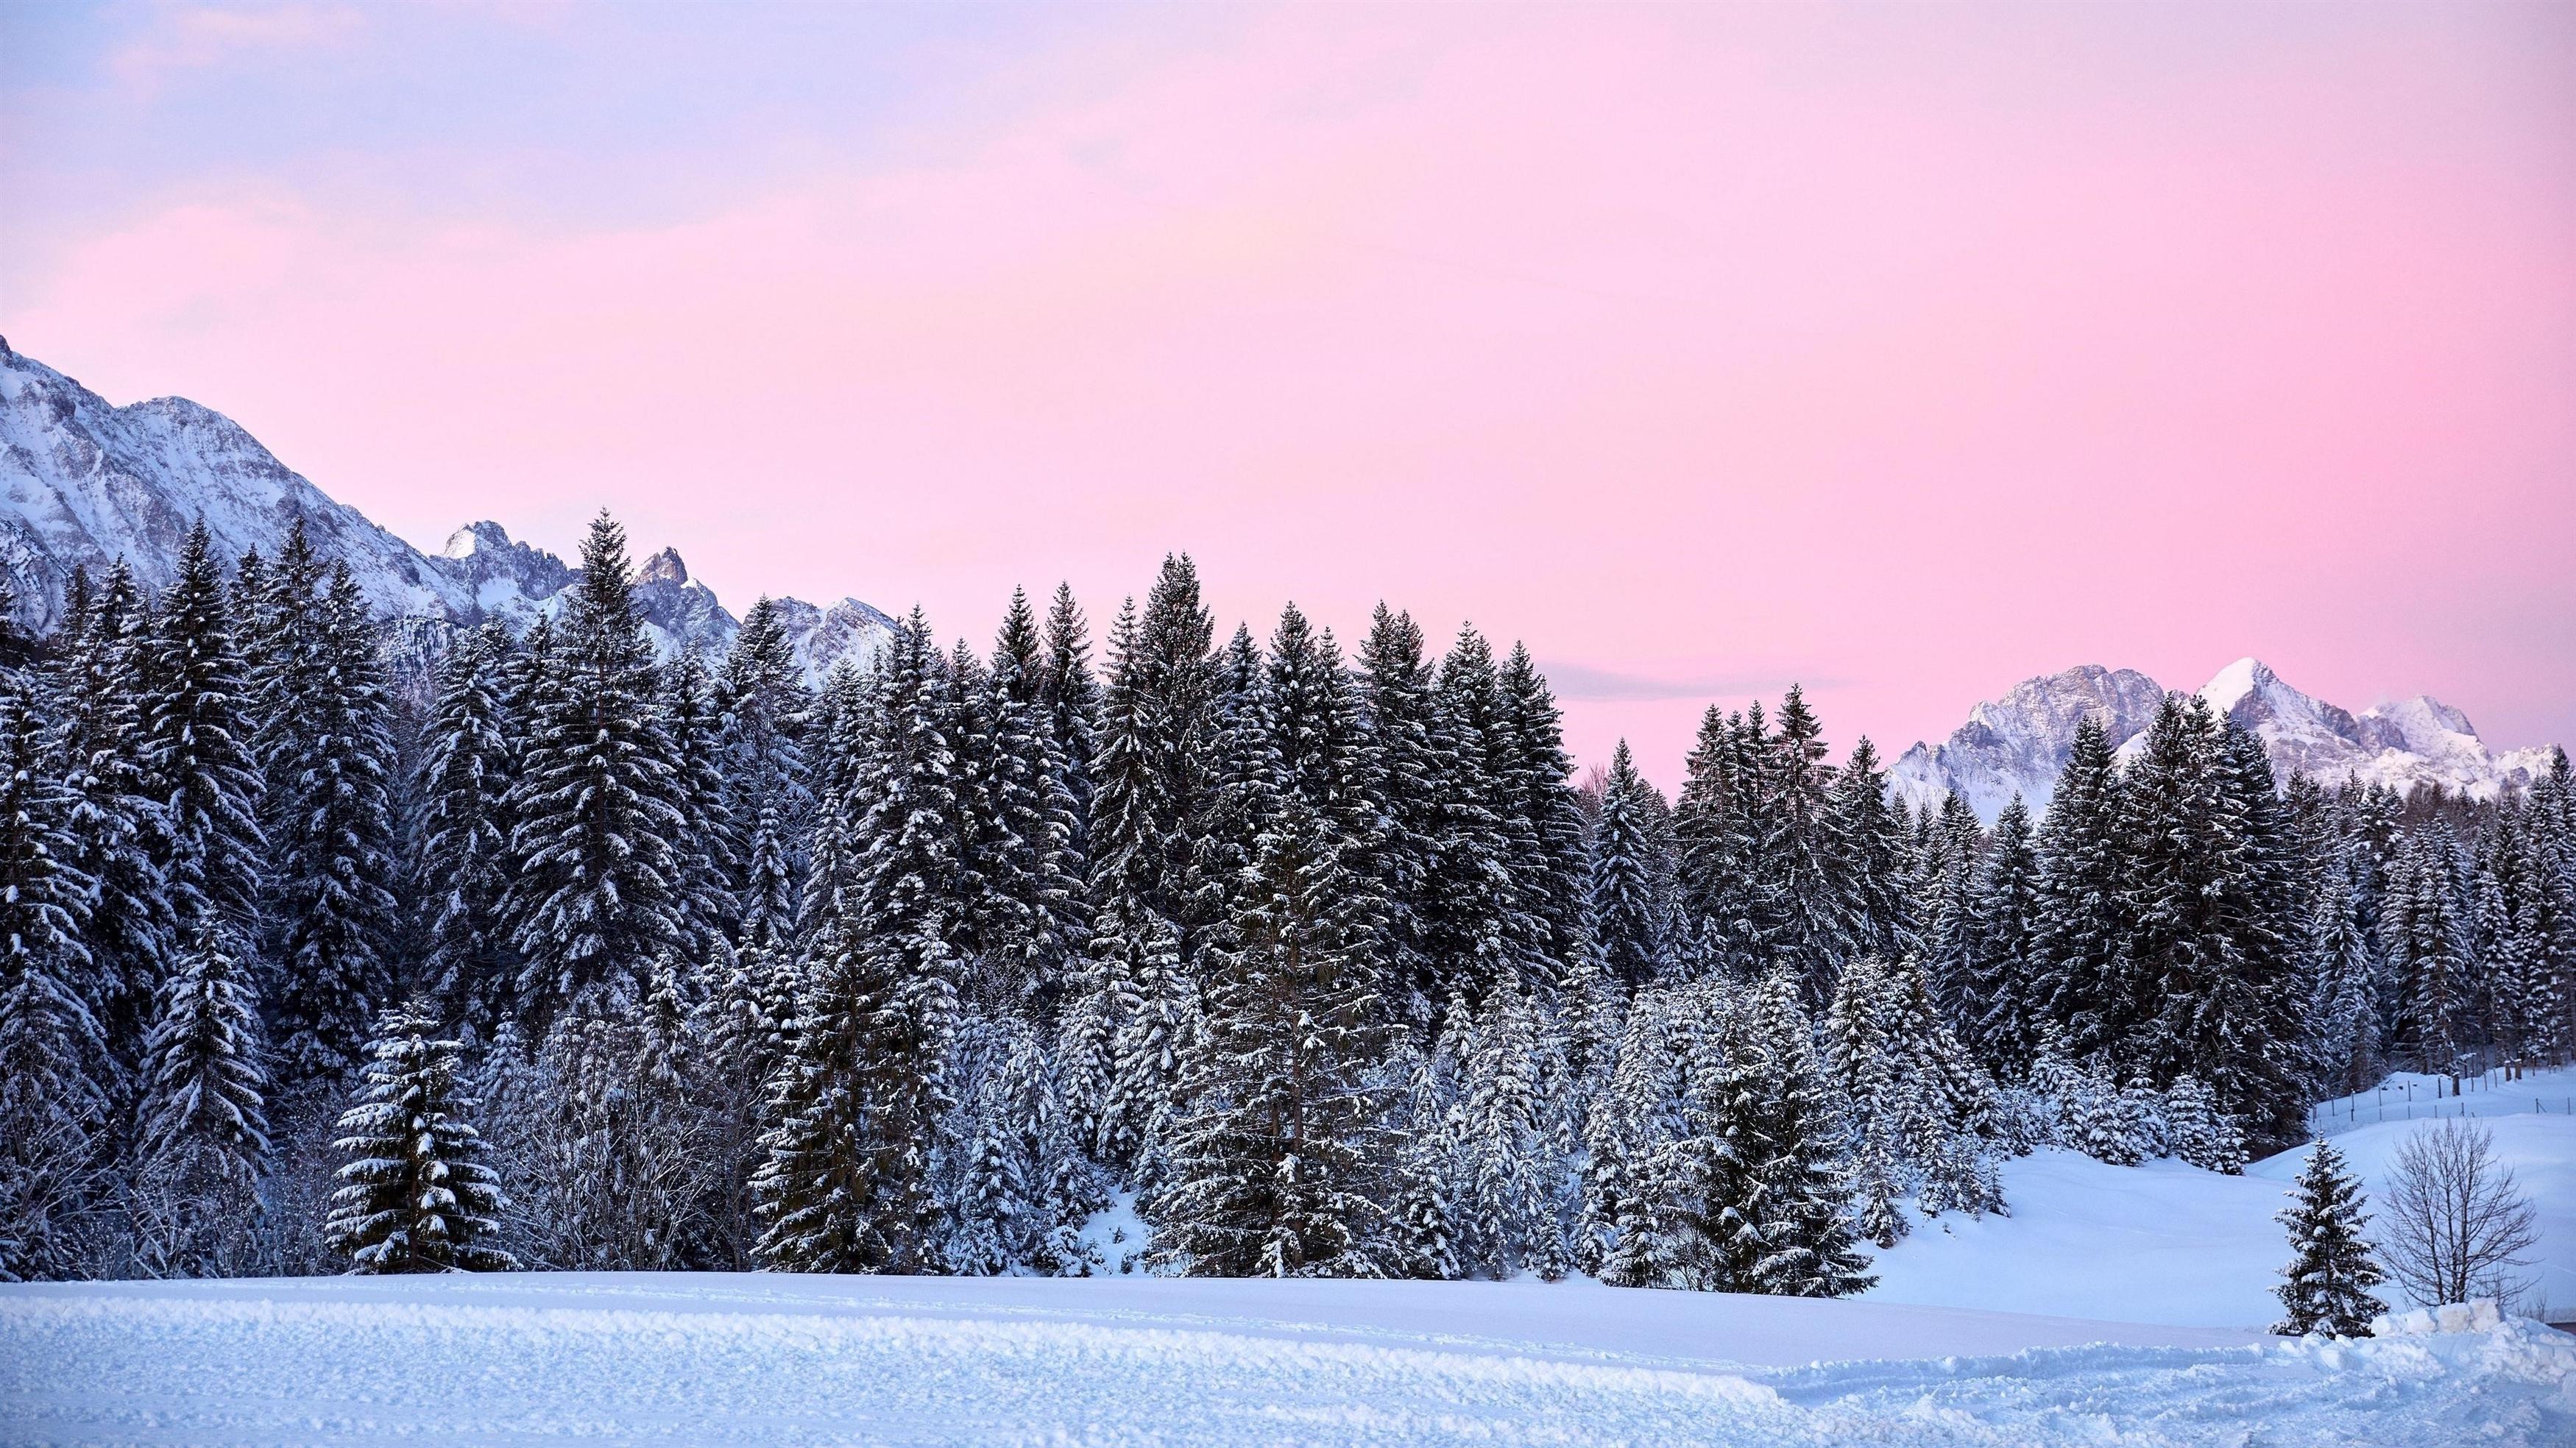 Горы деревья розовый снег обои скачать